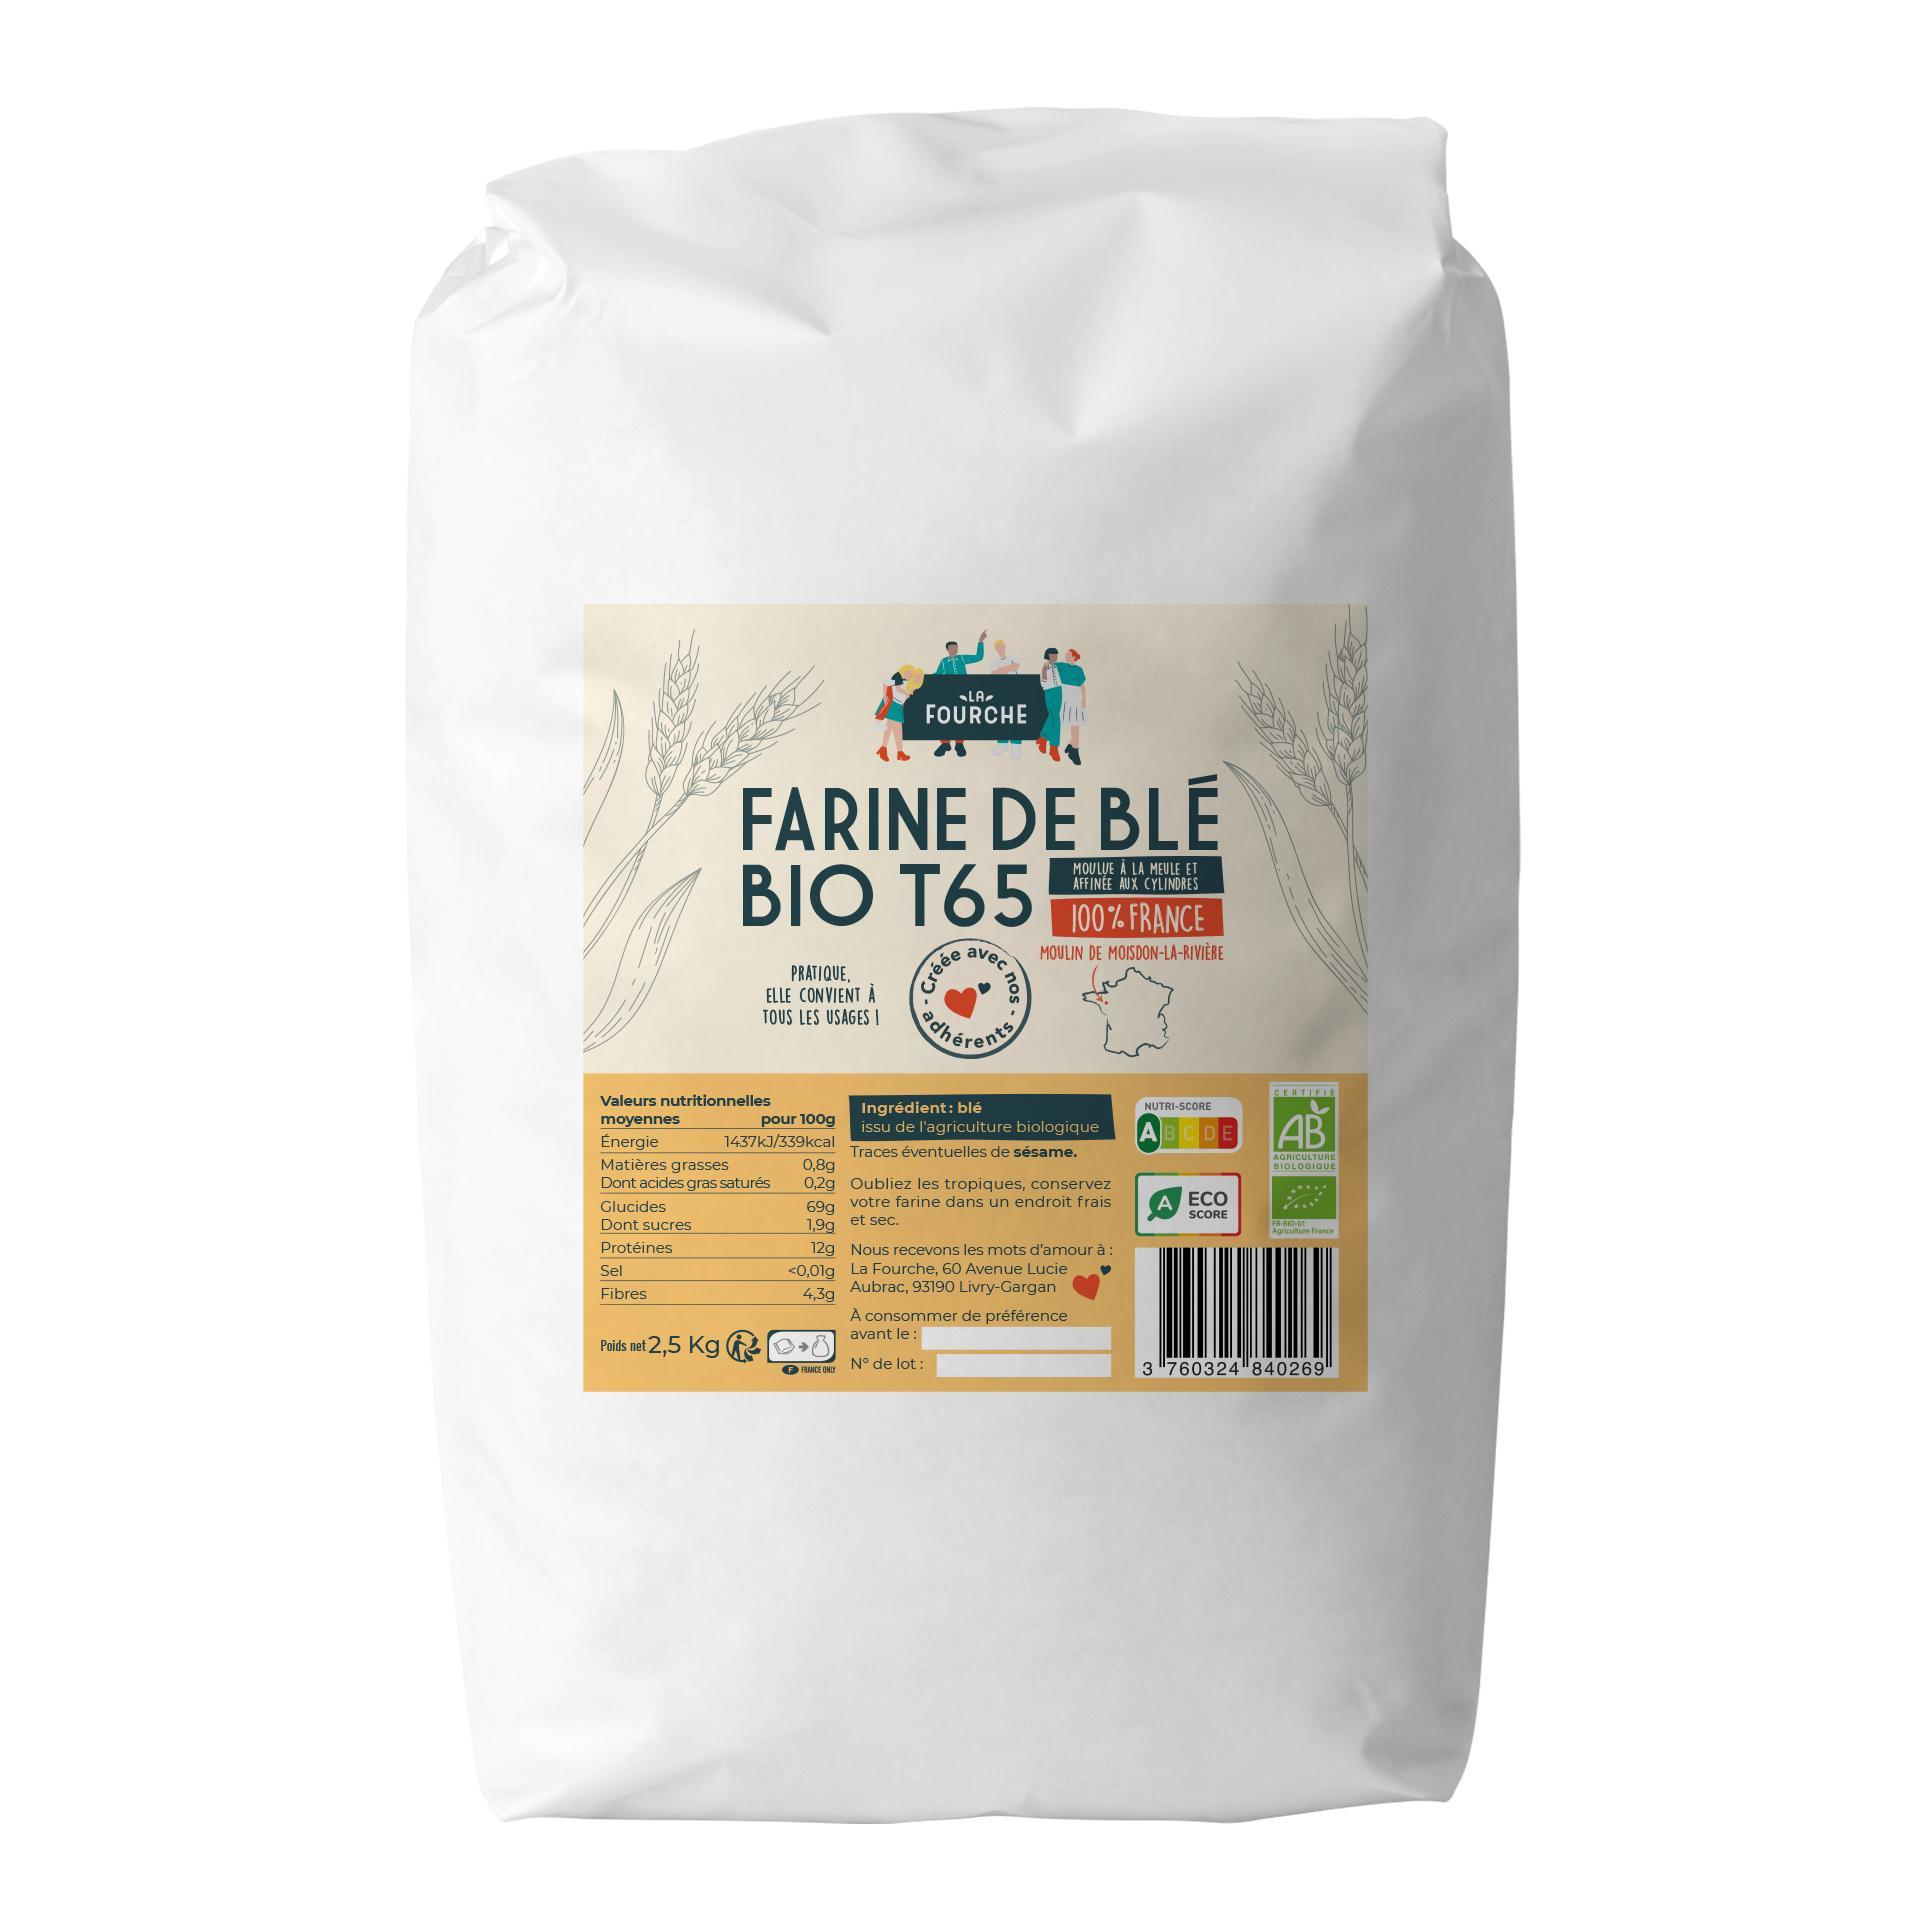 img-la-fourche-farine-de-ble-bio-t65-2-5kg